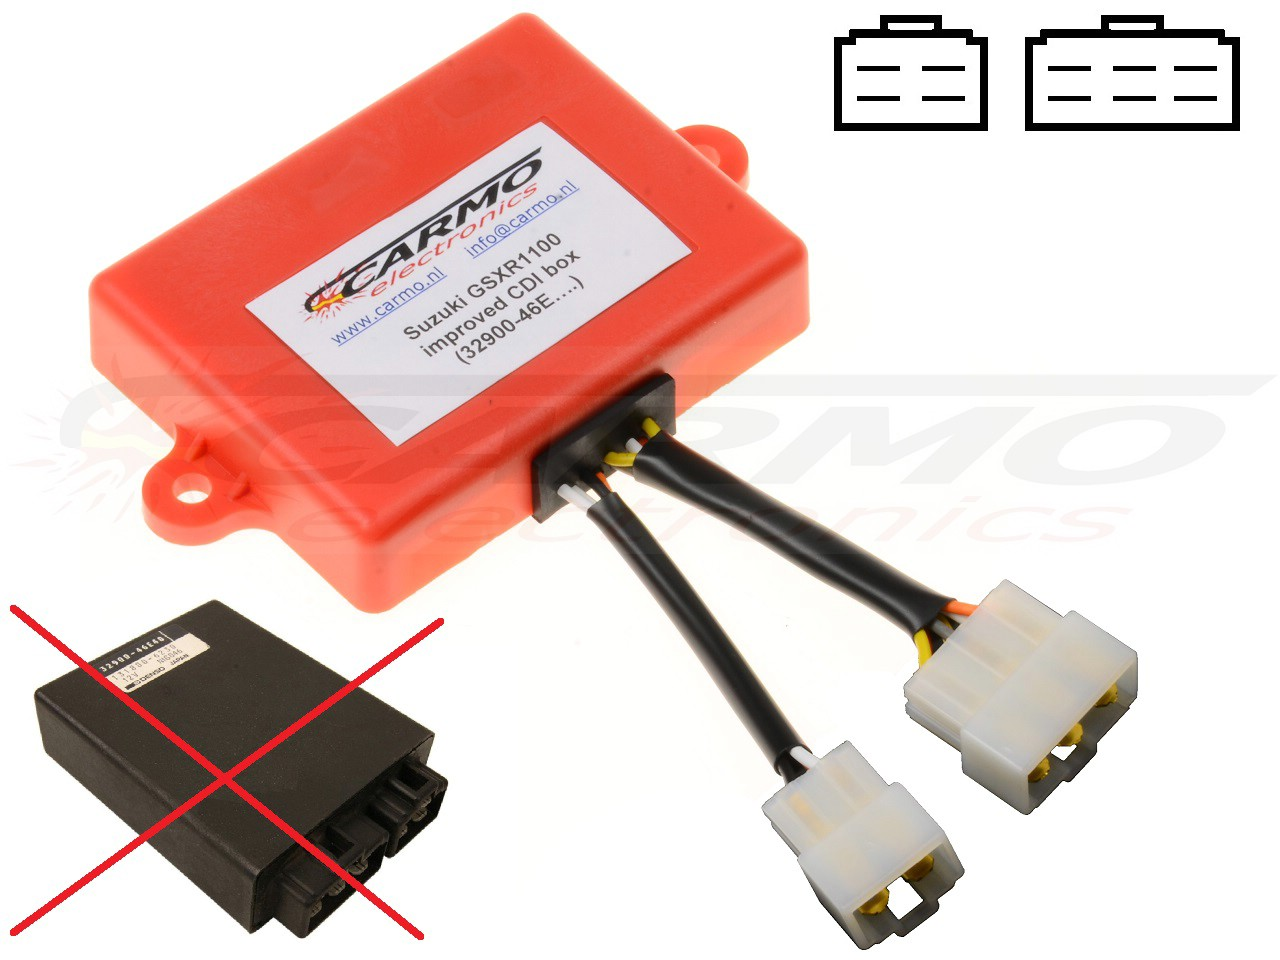 Suzuki GSXR1100 GSX-R1100 CDI ignition [Suzuki GSXR1100 CDI